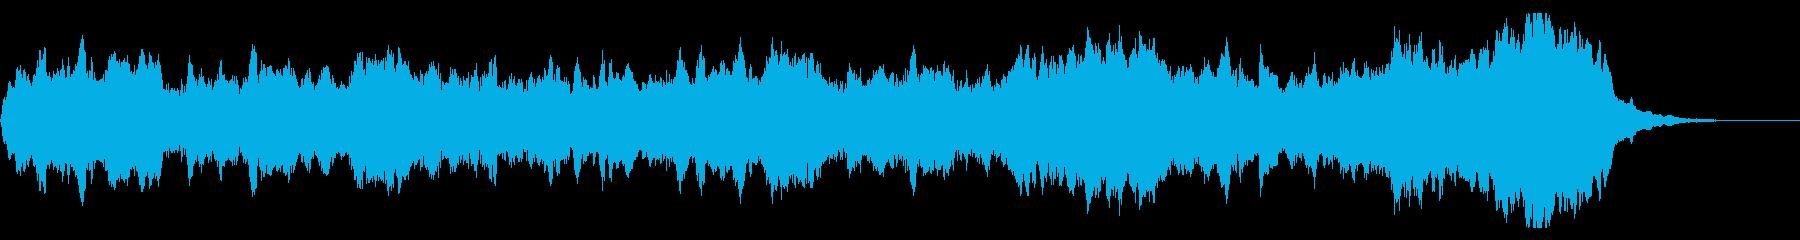 ファンタジーなオーケストラのジングルの再生済みの波形